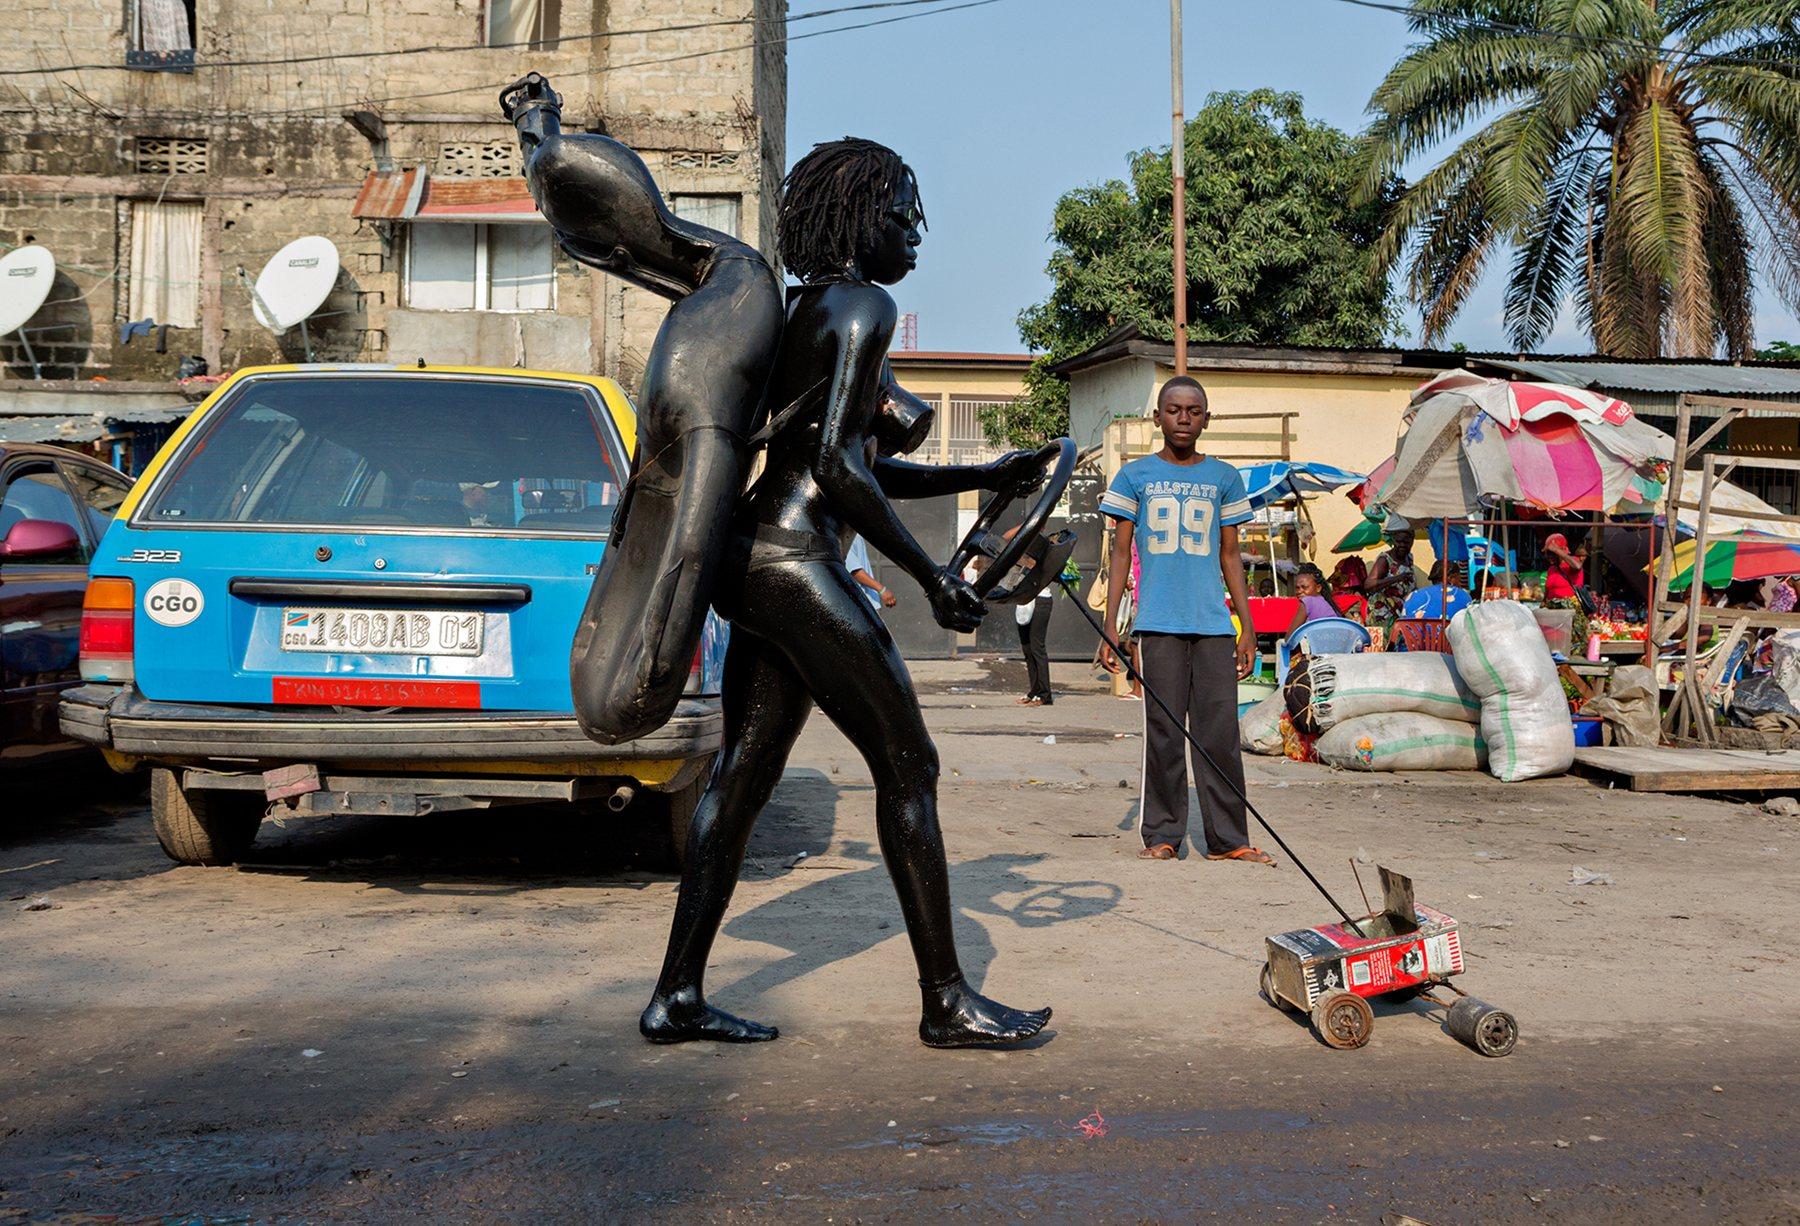 Congo woman porn